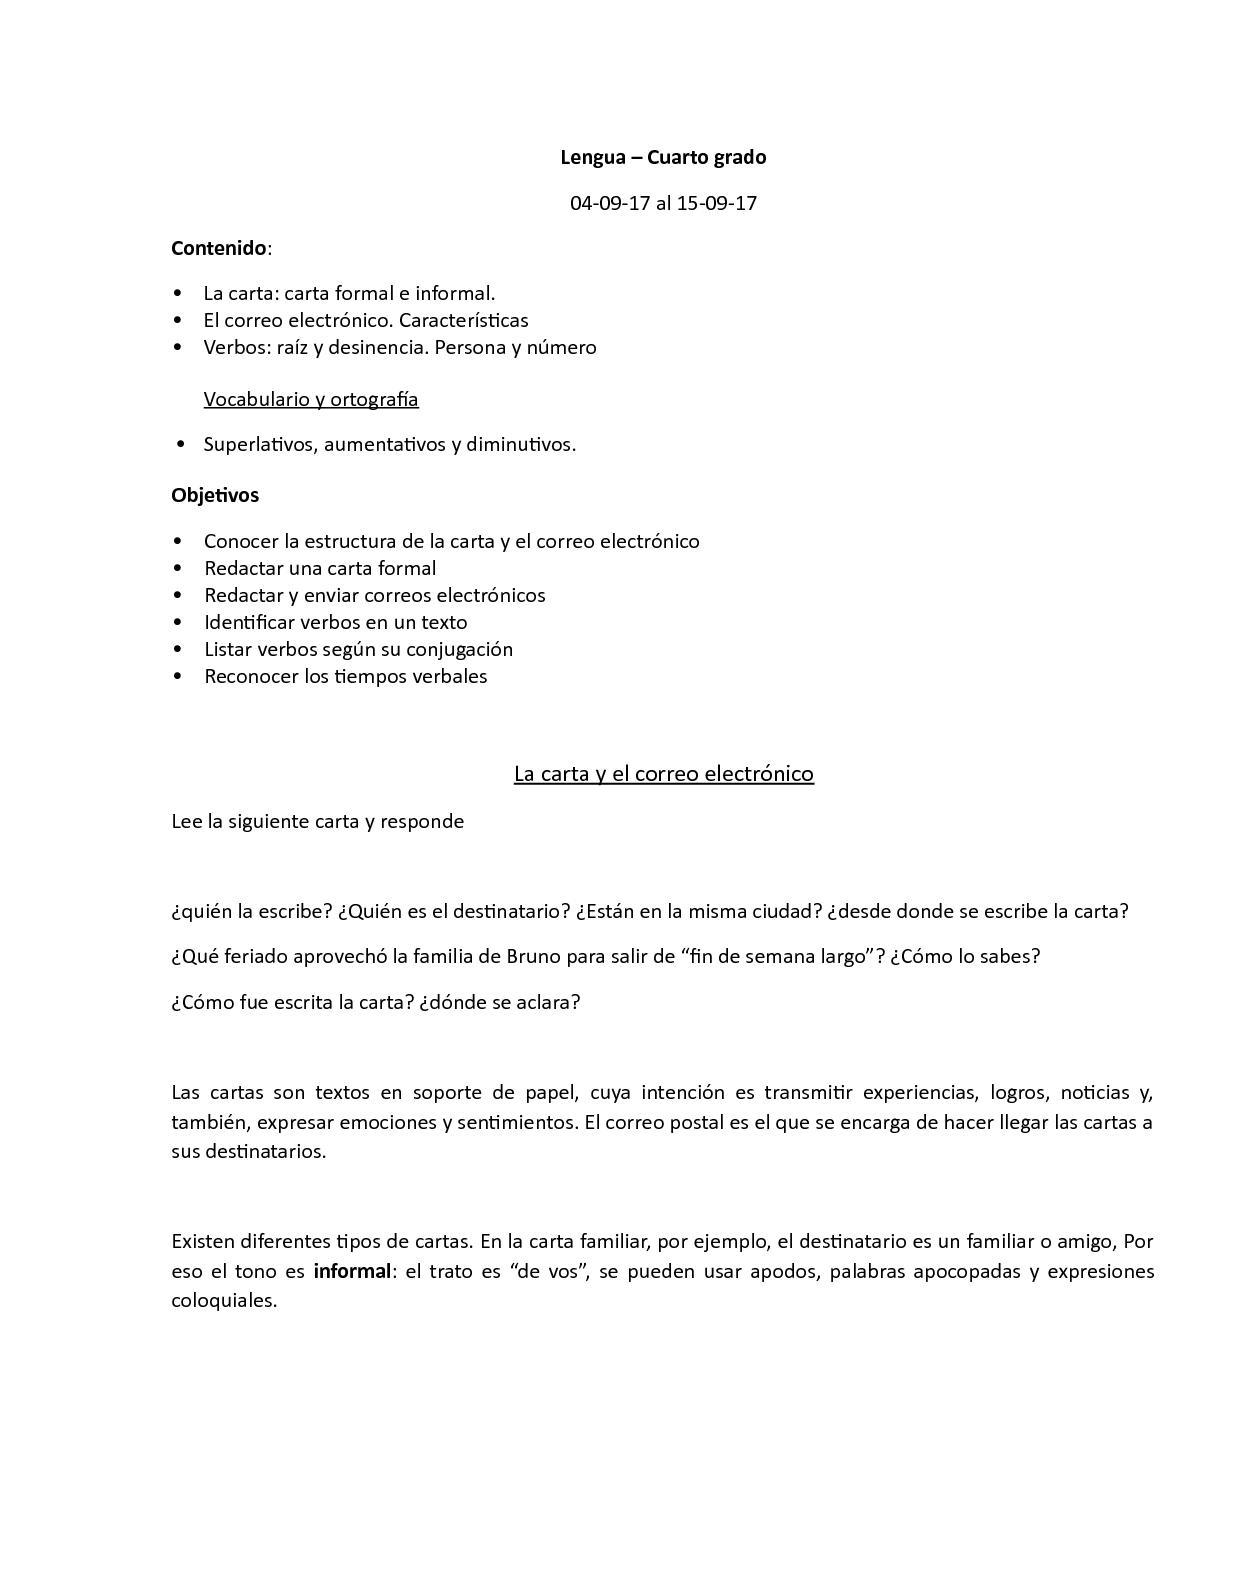 Calameo 11 La Carta Lengua